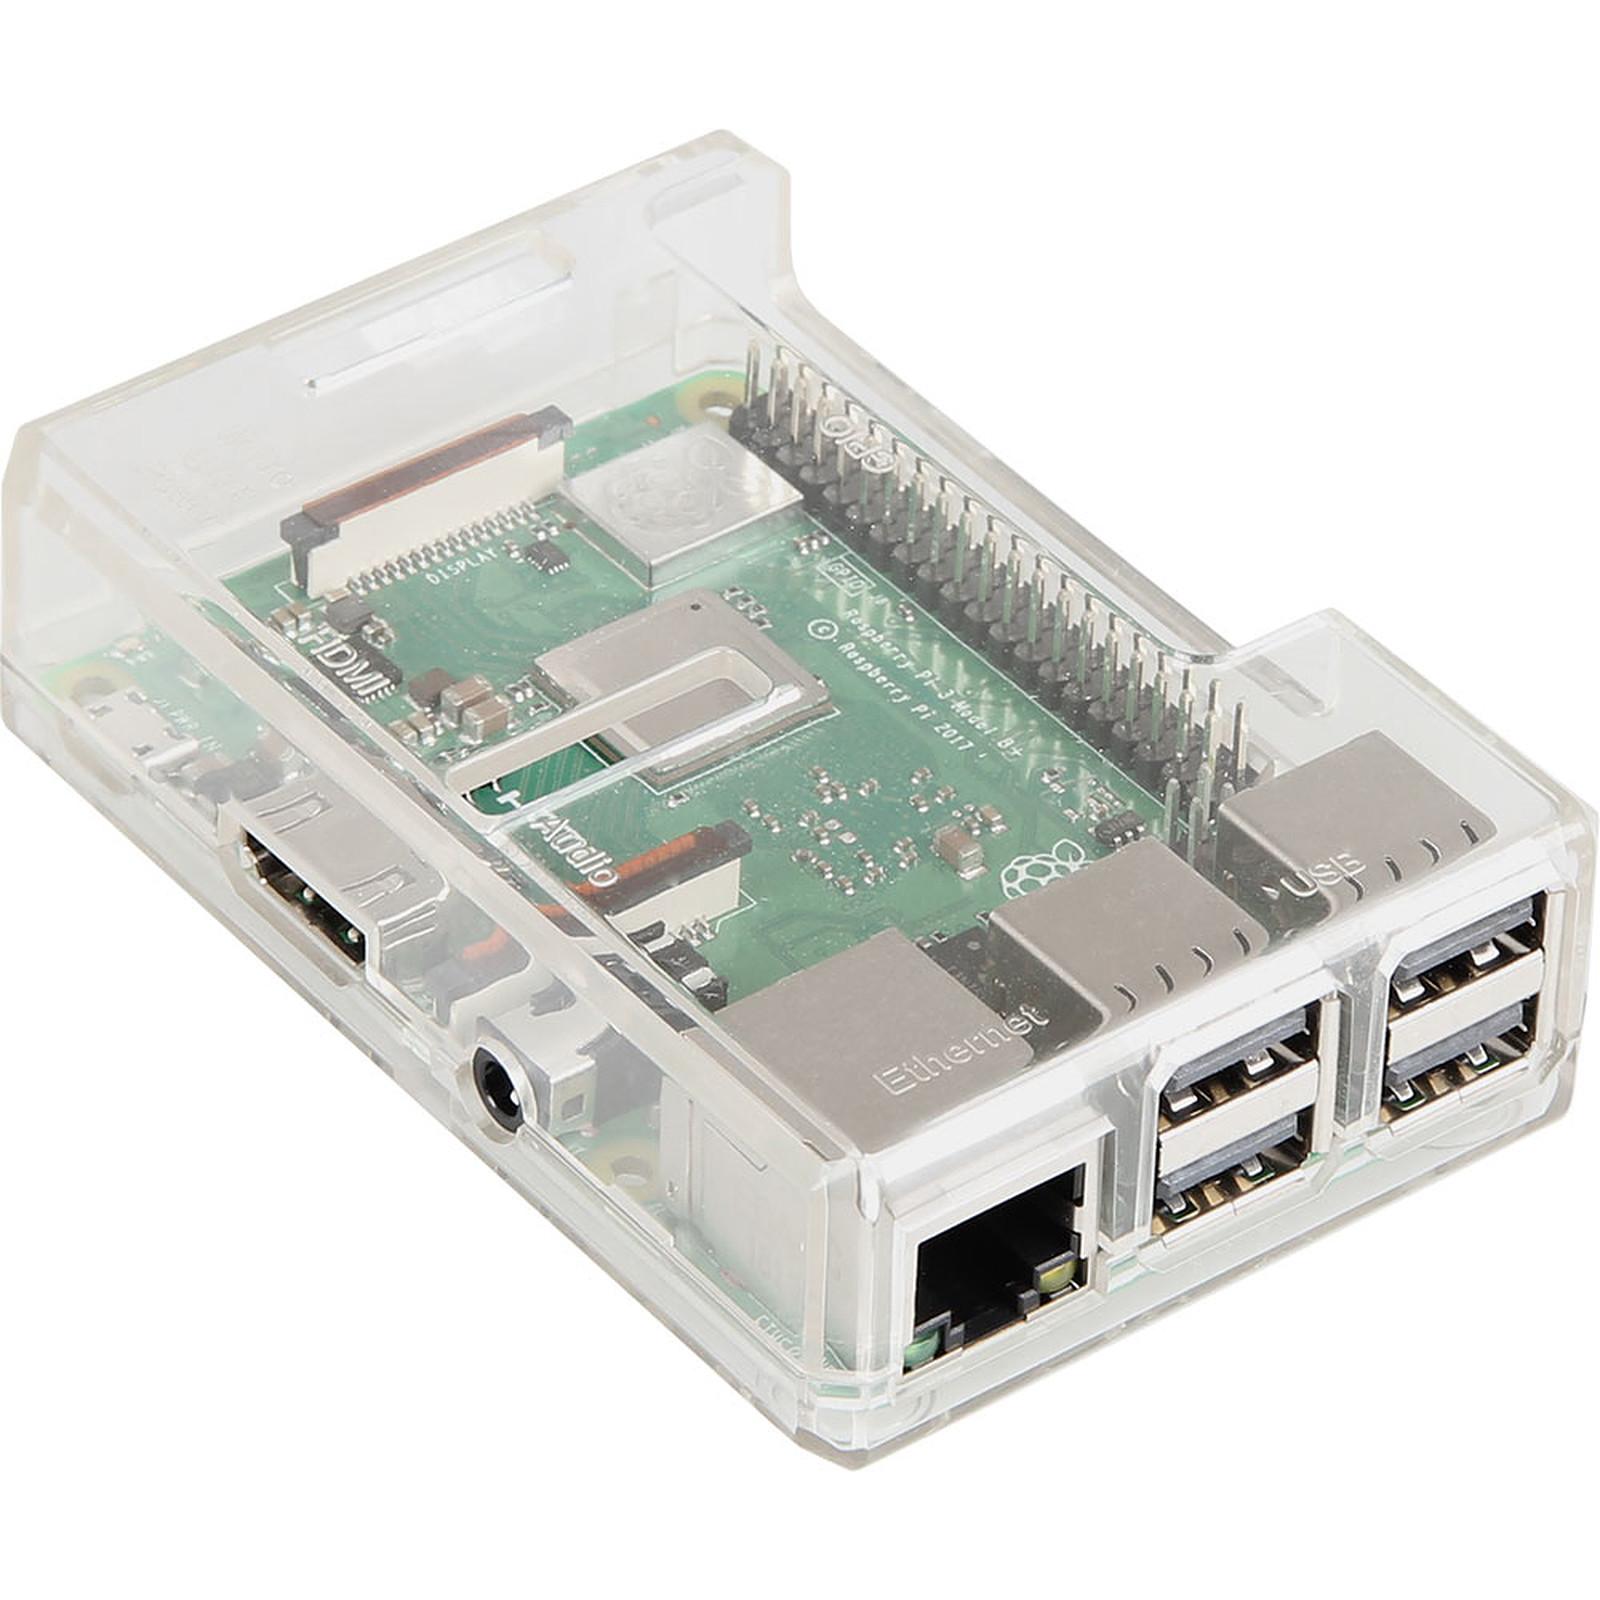 JOY-iT boîtier pour Raspberry Pi 3/2/1 (transparent)